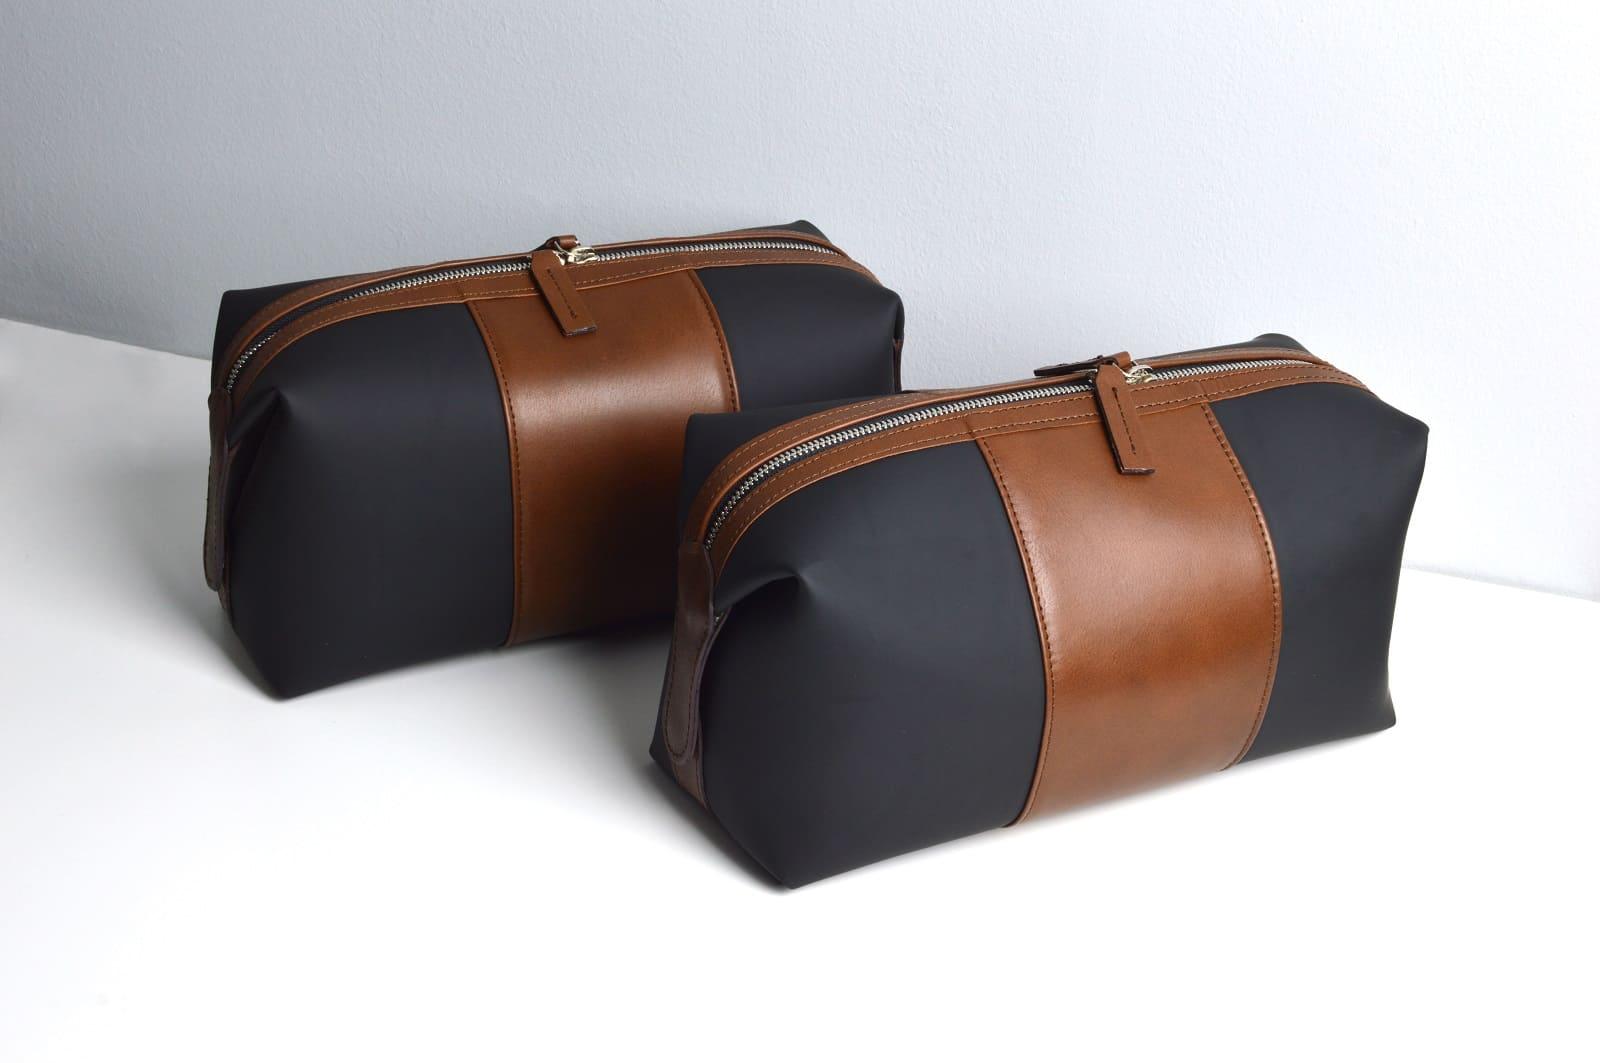 Echa un vistazo a los productos fabricados por Global Leather Goods